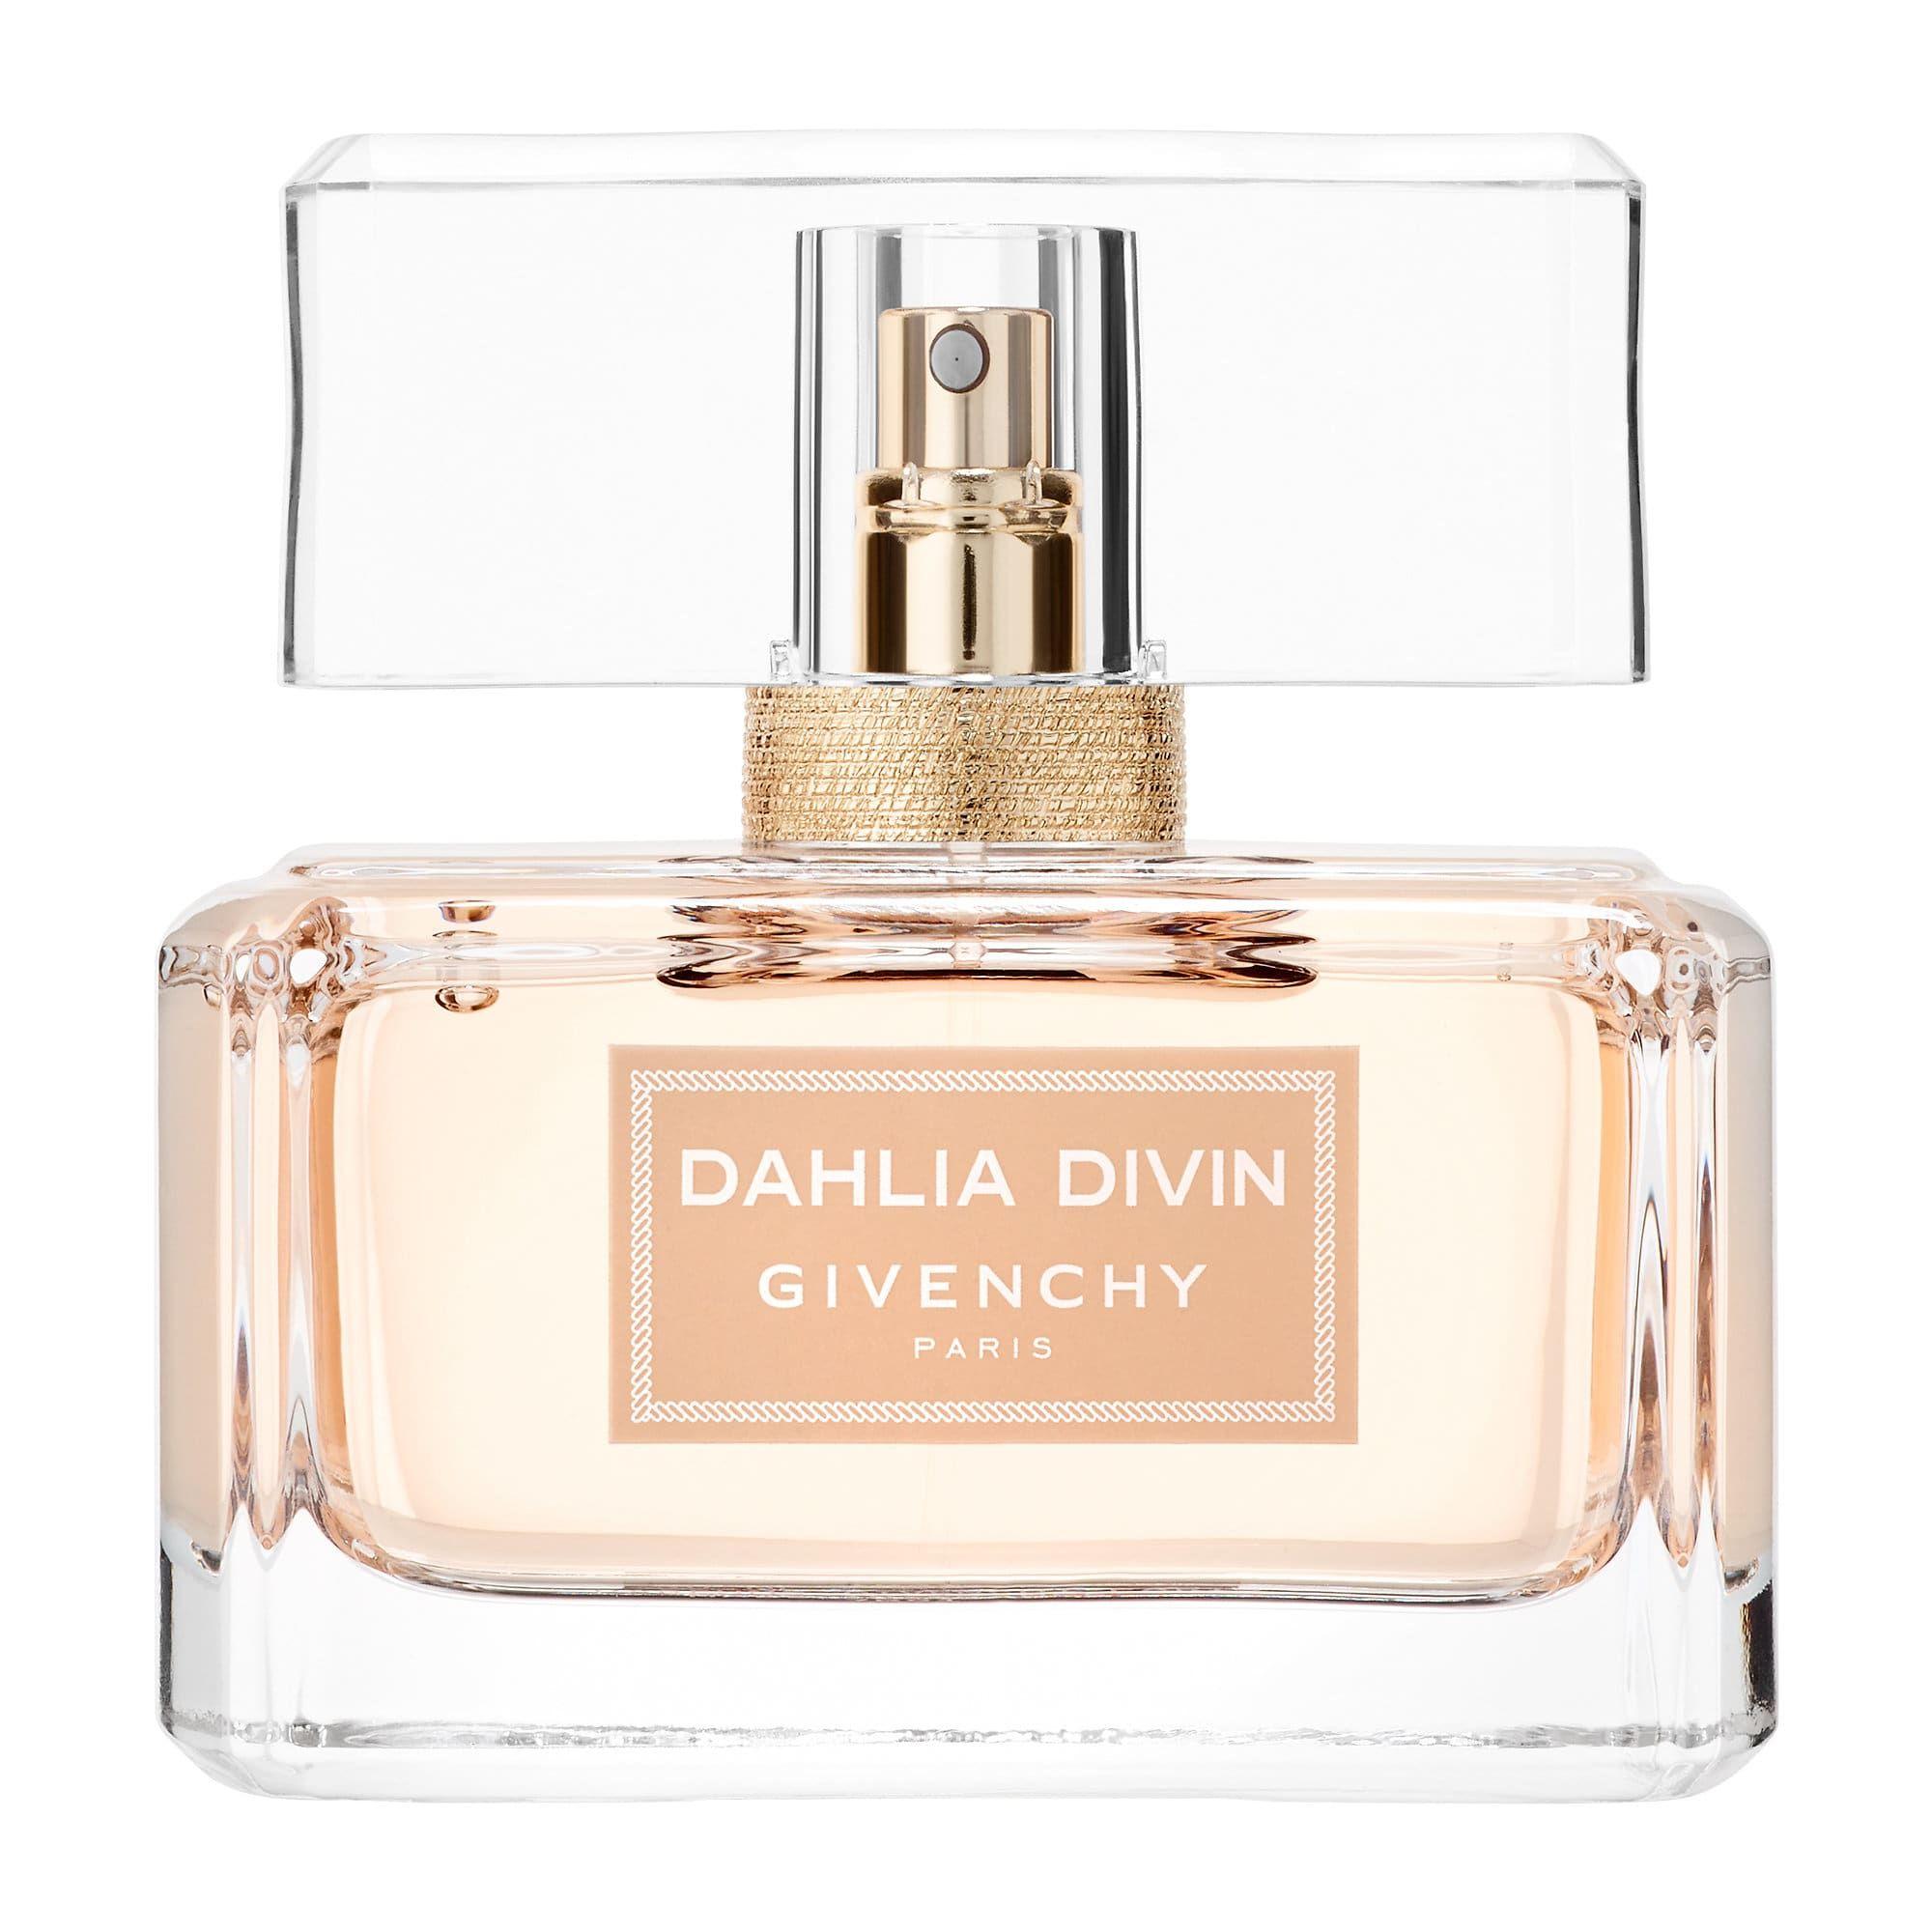 Nude 7 Dahlia 1 De Givenchy 50 Ml Parfum Oz Divin Eau SqpGMVUz